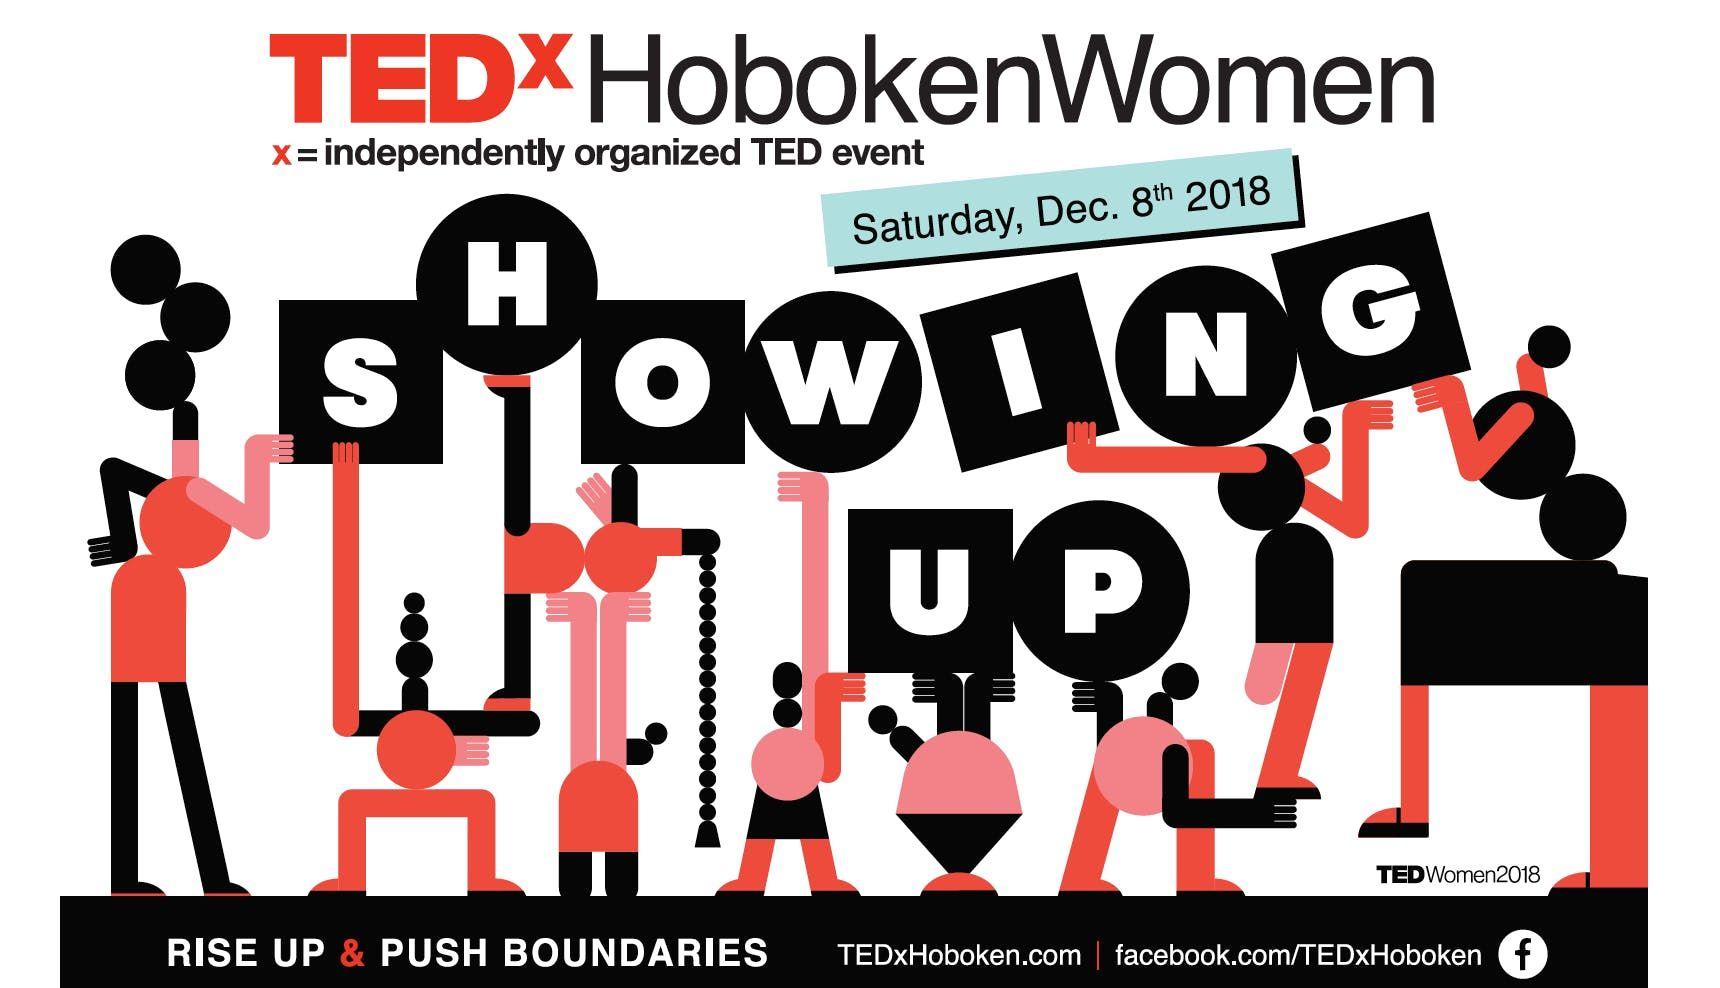 TEDxHobokenWomen 2018